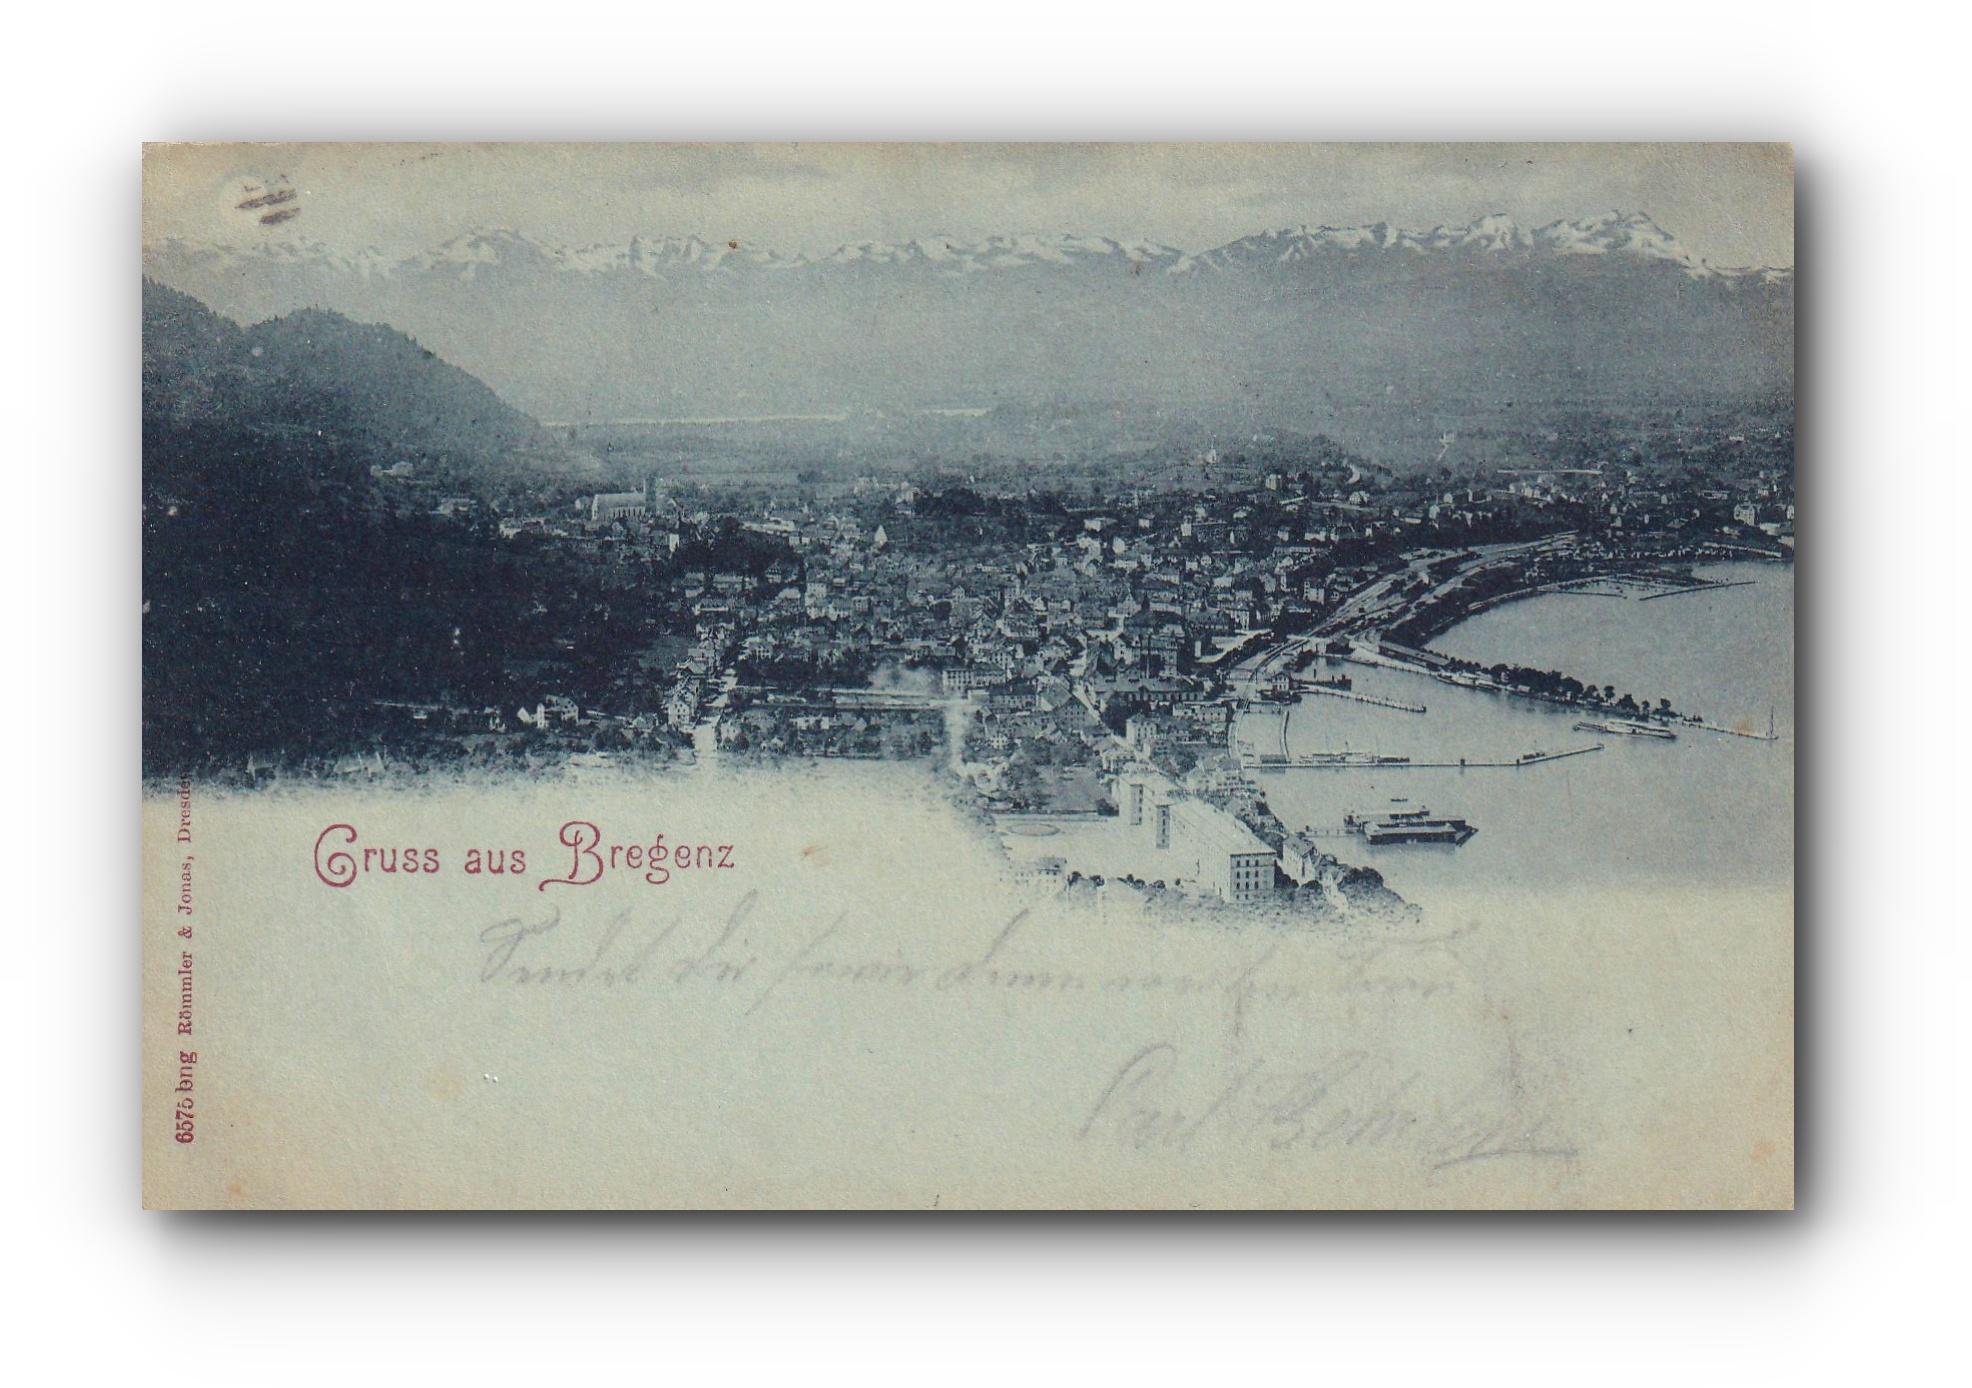 Gruss aus BREGENZ - 23.11.1897 - Salutations depuis Brégence - Greetings from Bregenz